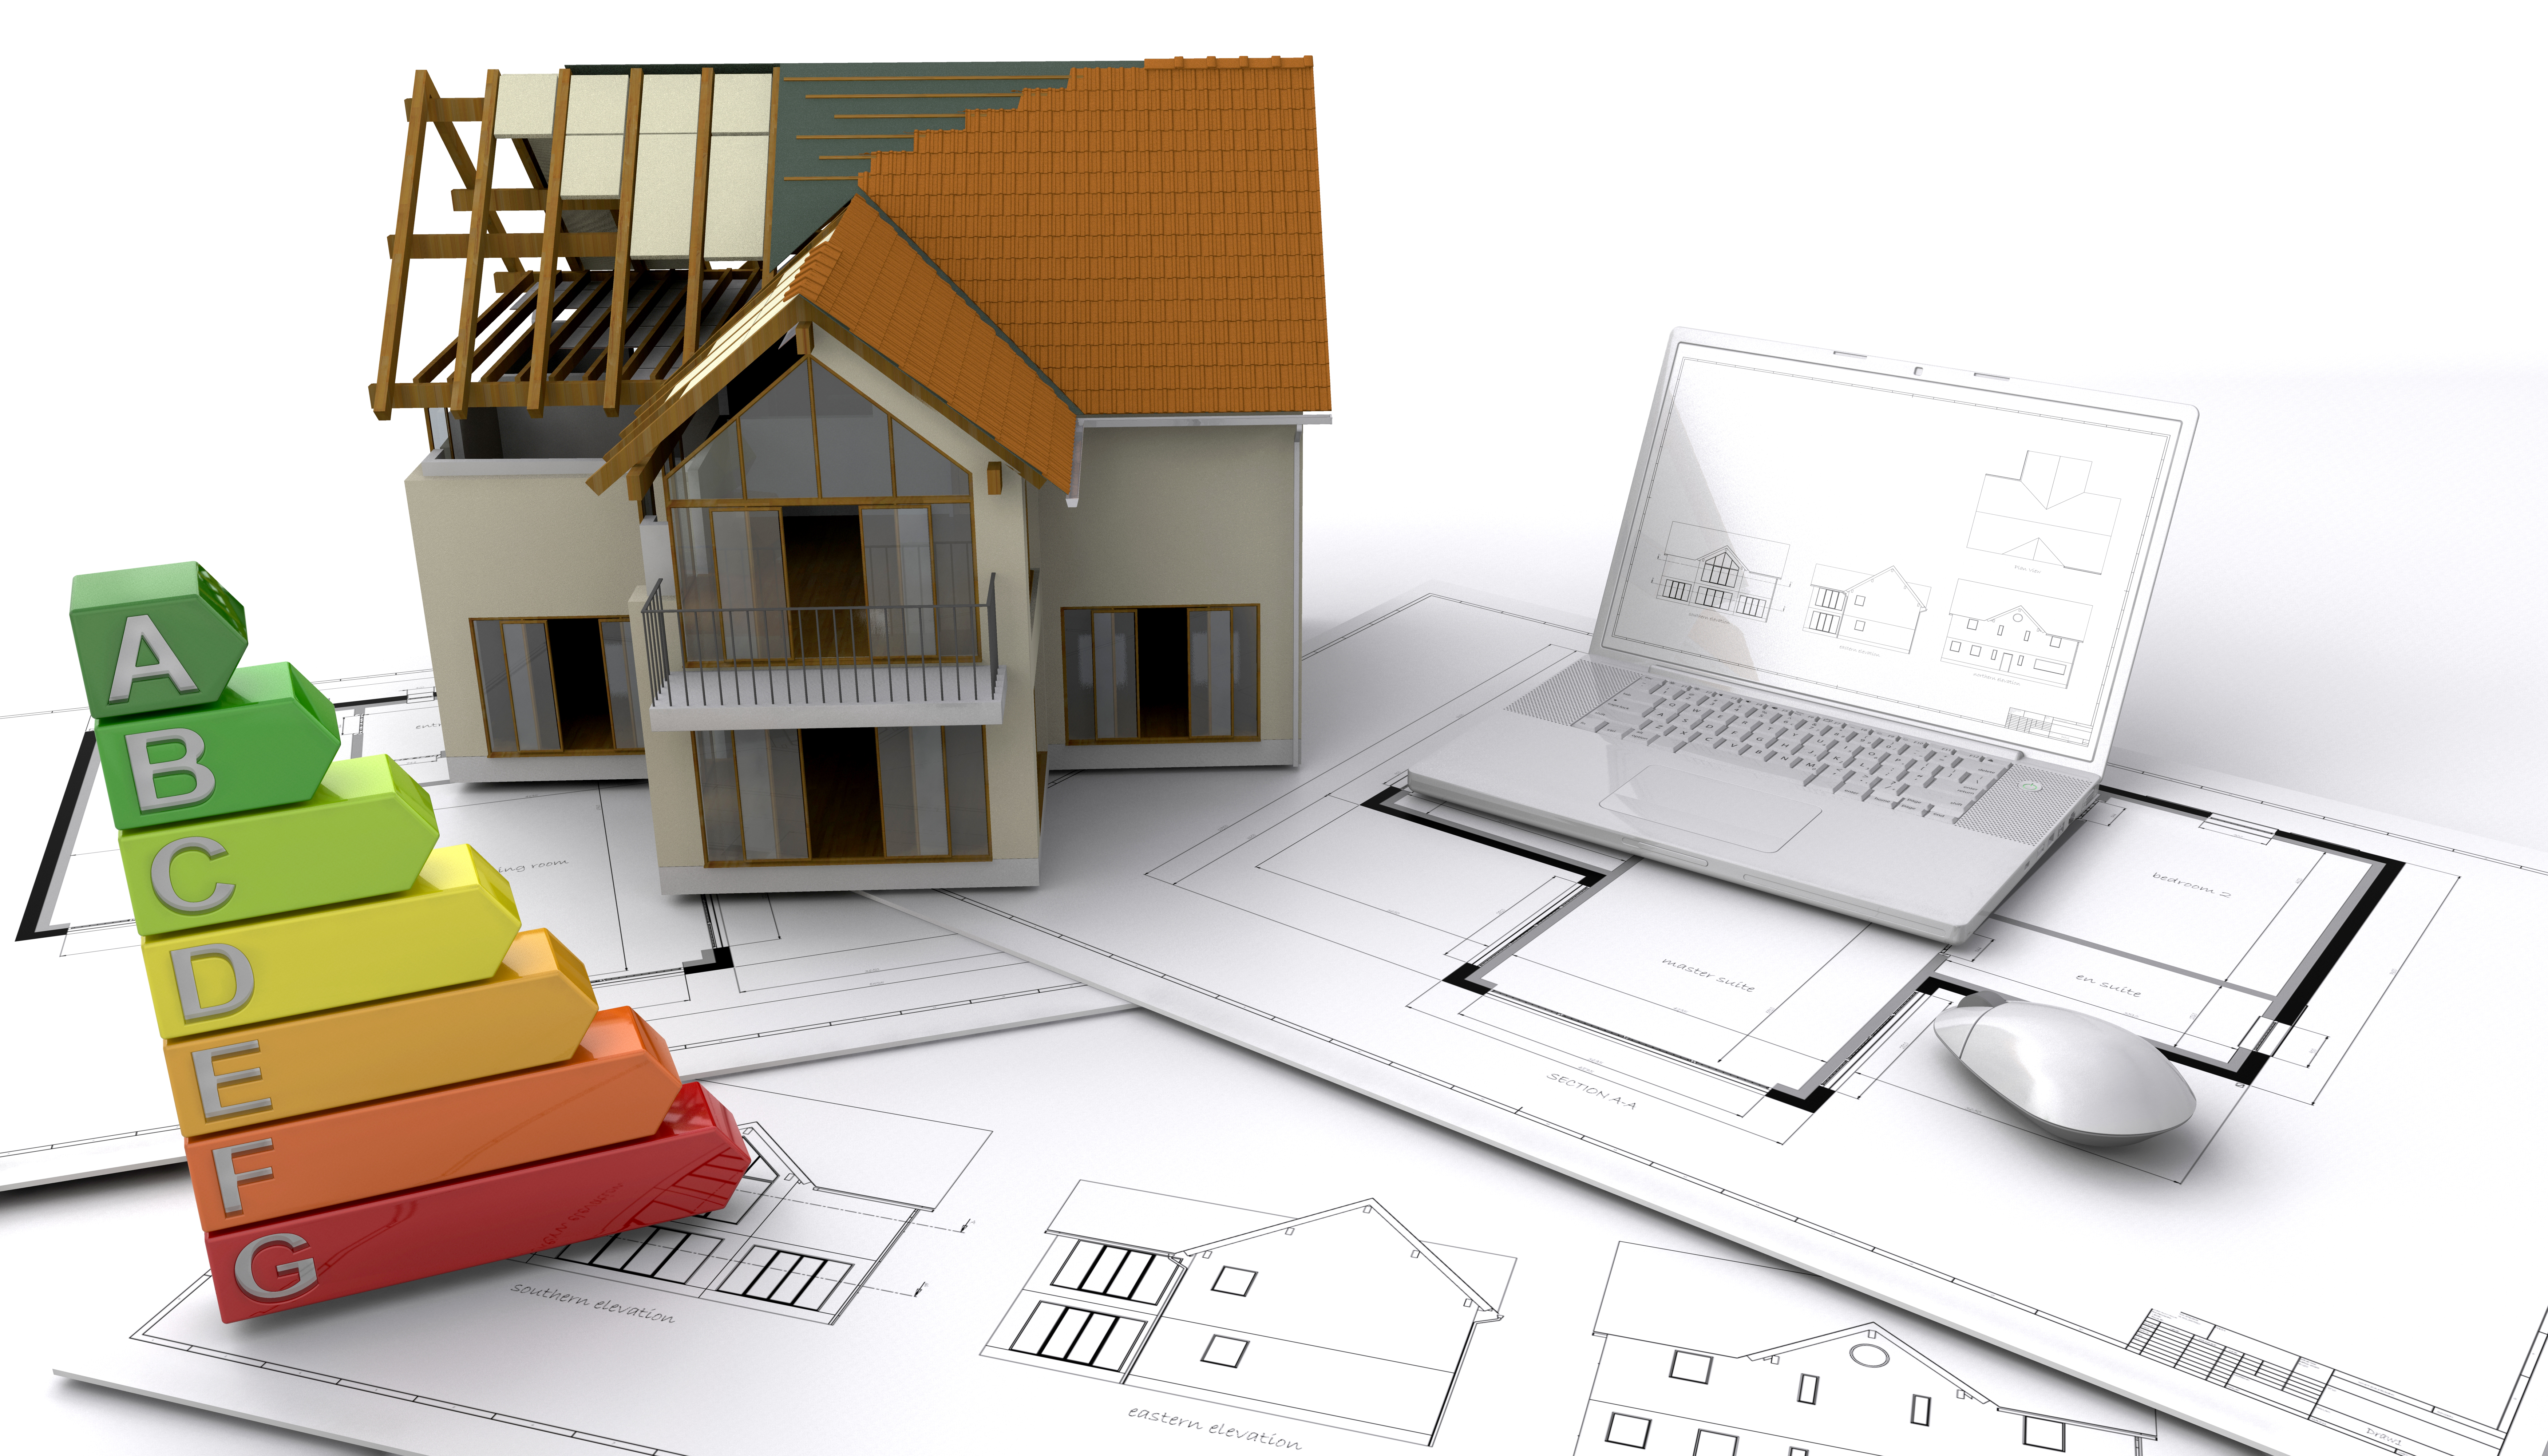 N'attendez plus pour acheter dans l'immobilier neuf à Reims ou dans la France. Contactez votre conseiller 3HConseils : 3hconseils@orange.fr & 03.26.24.37.40